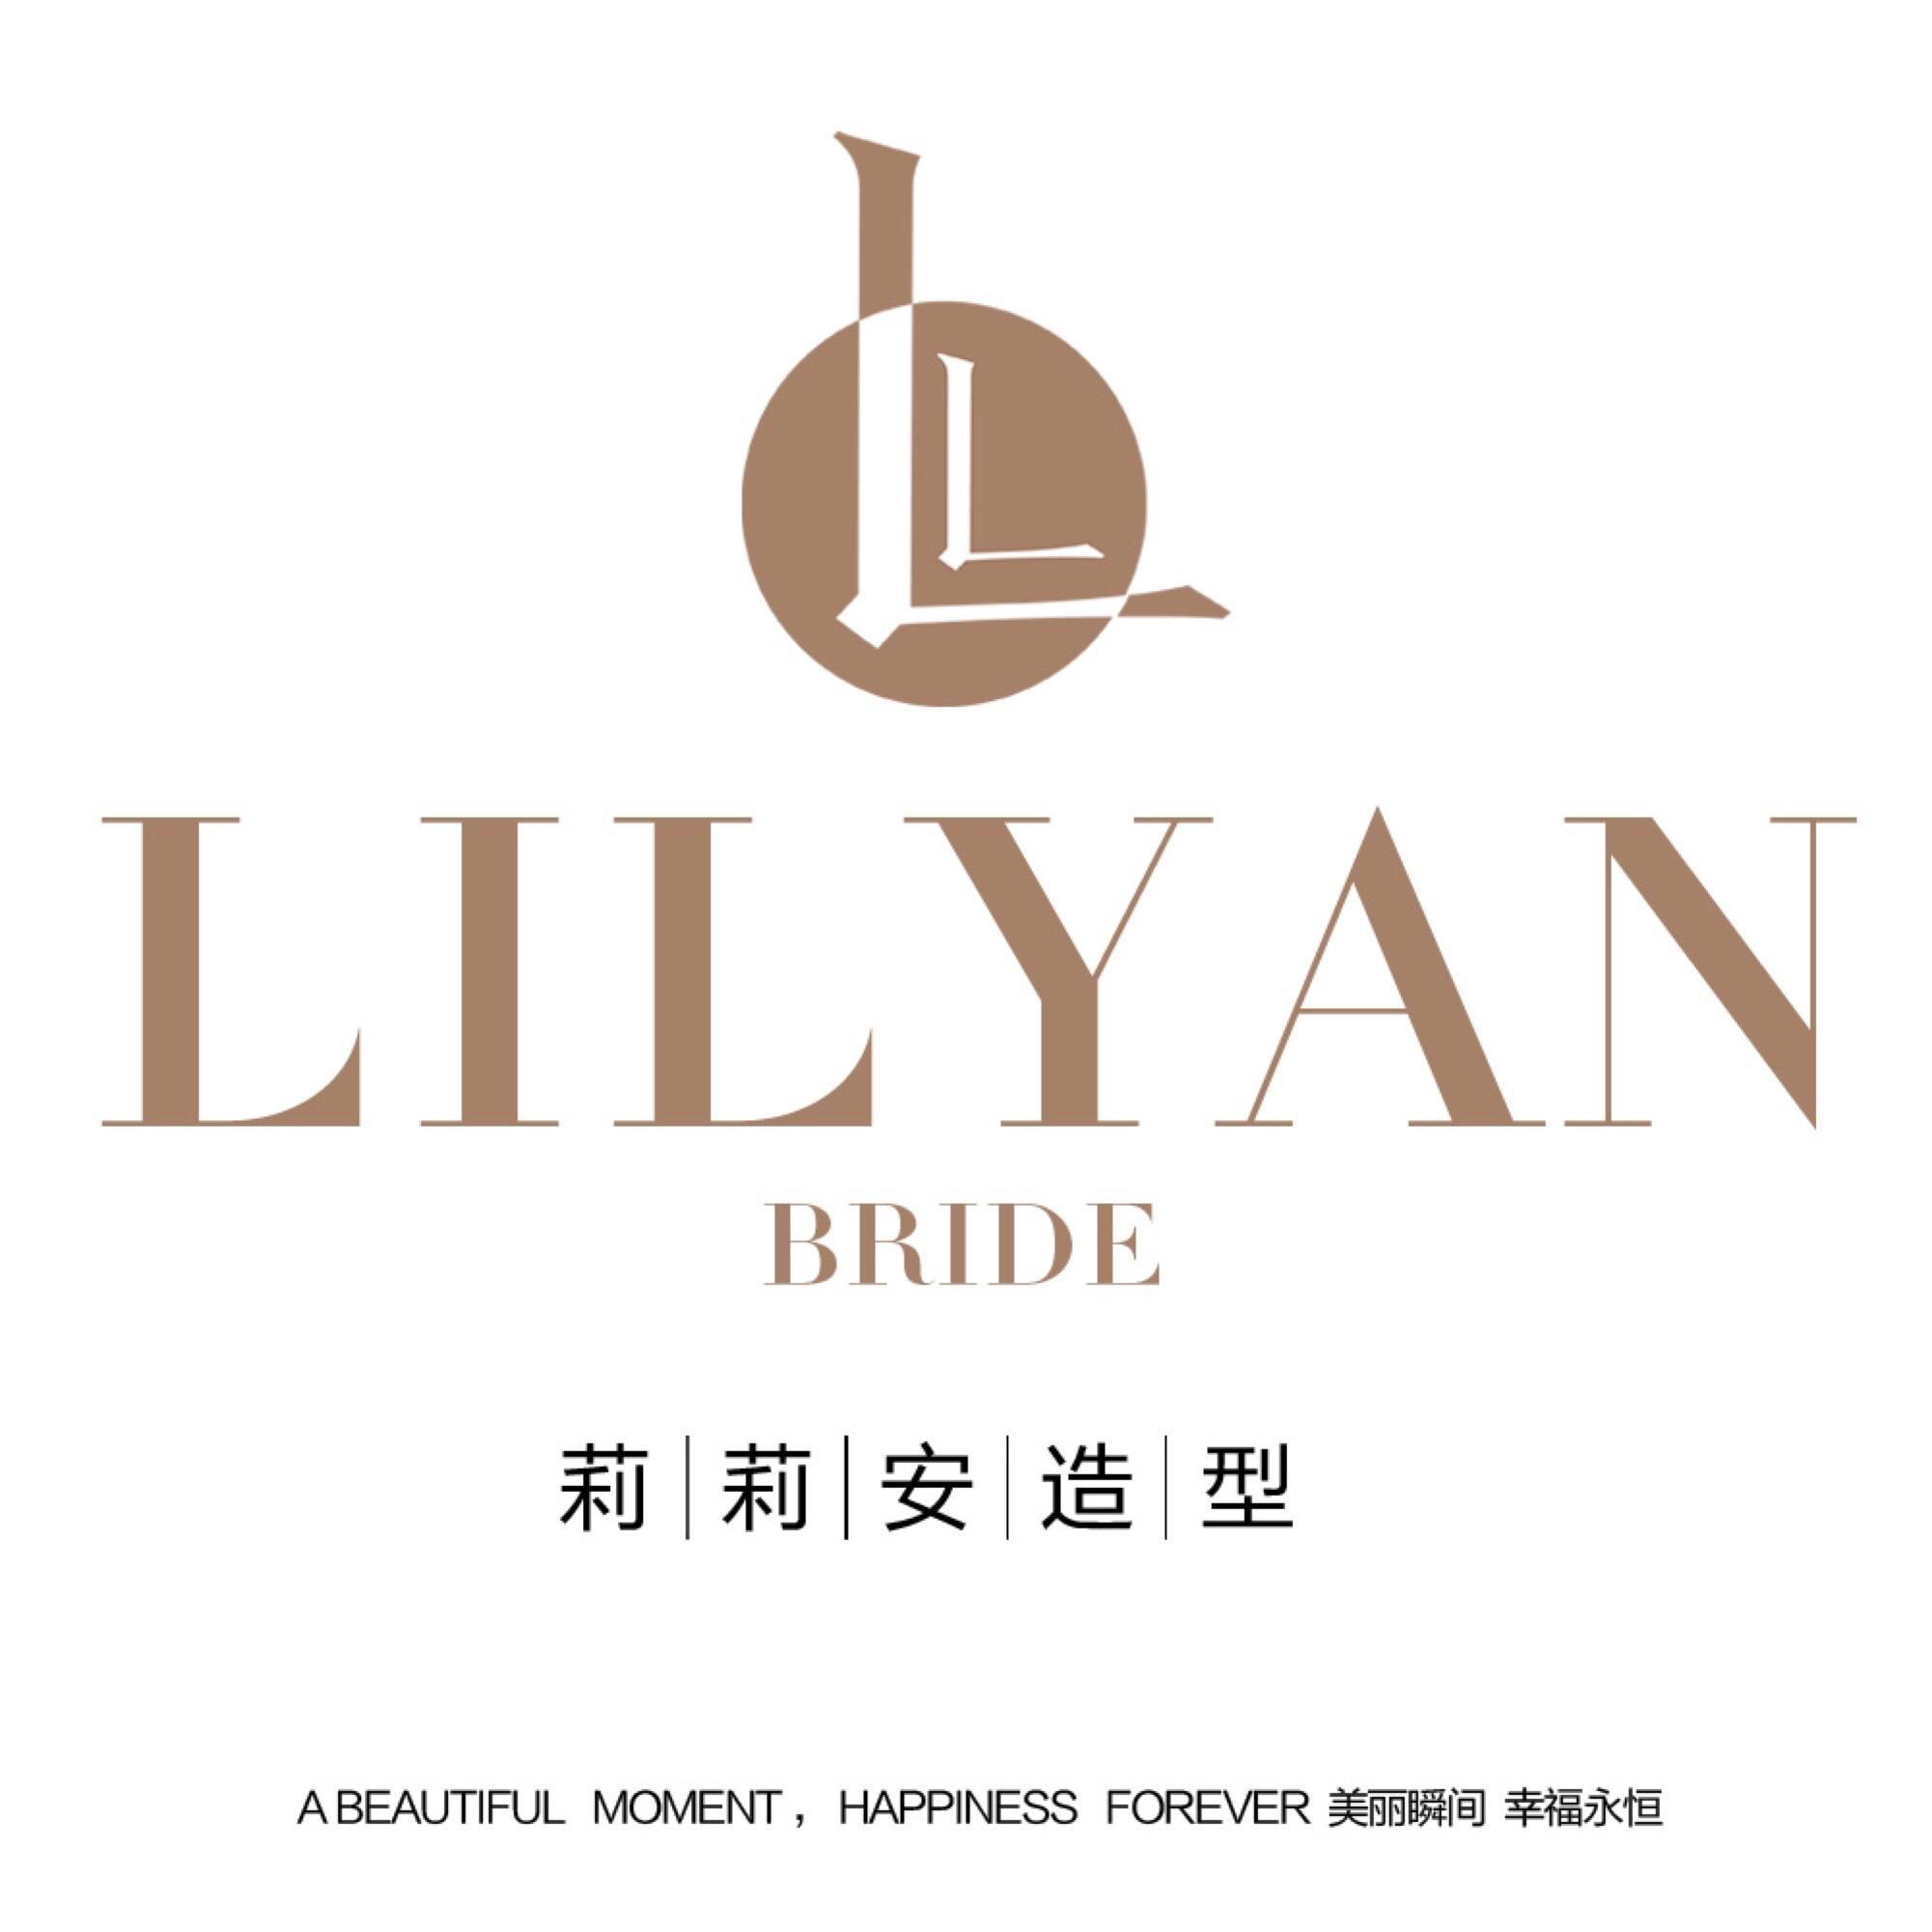 莉莉安 造型婚纱馆